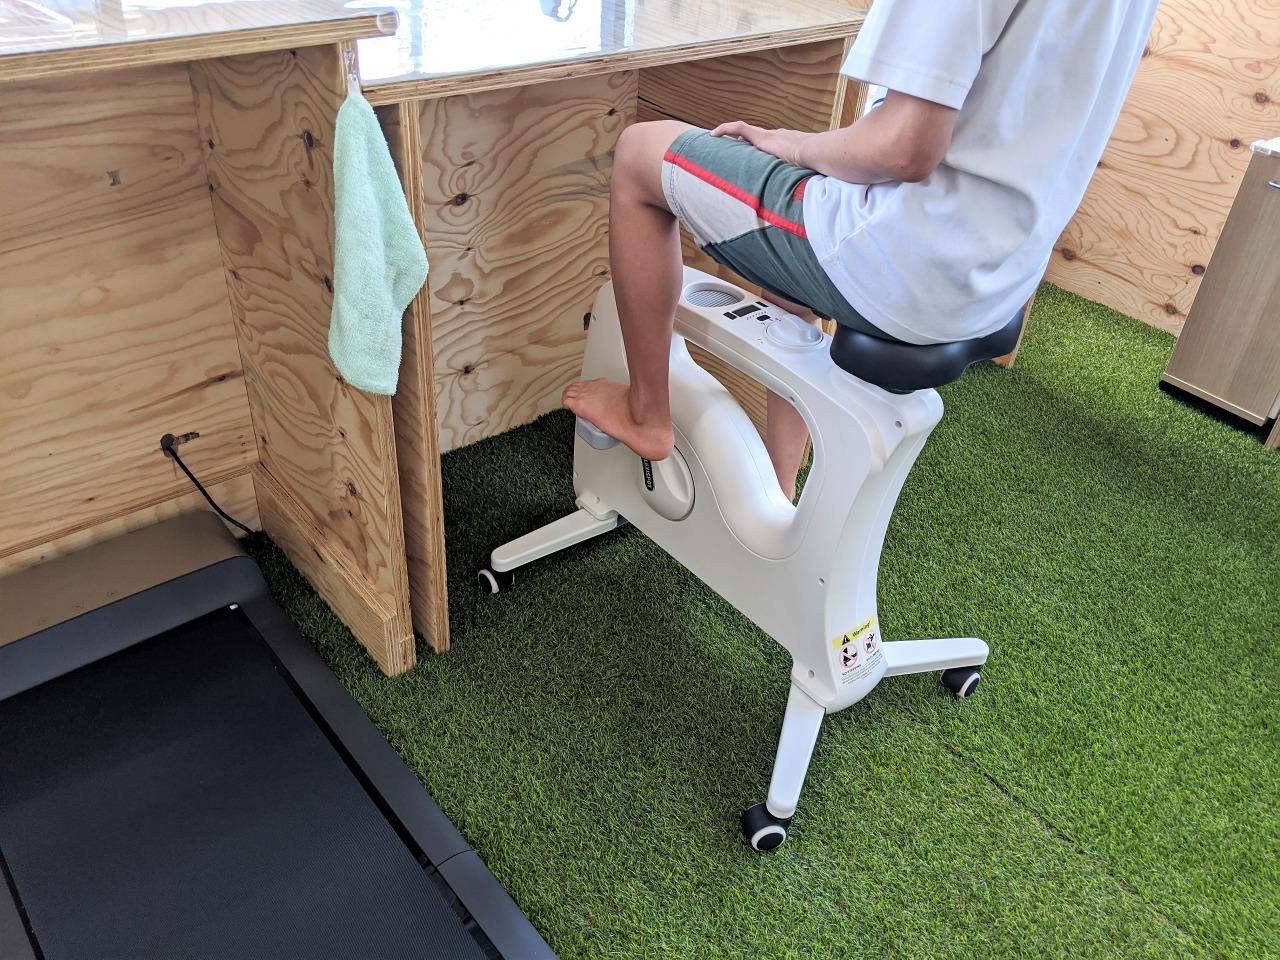 自宅向け有酸素運動グッズ9選。家での全身運動におすすめのエクササイズアイテムを紹介